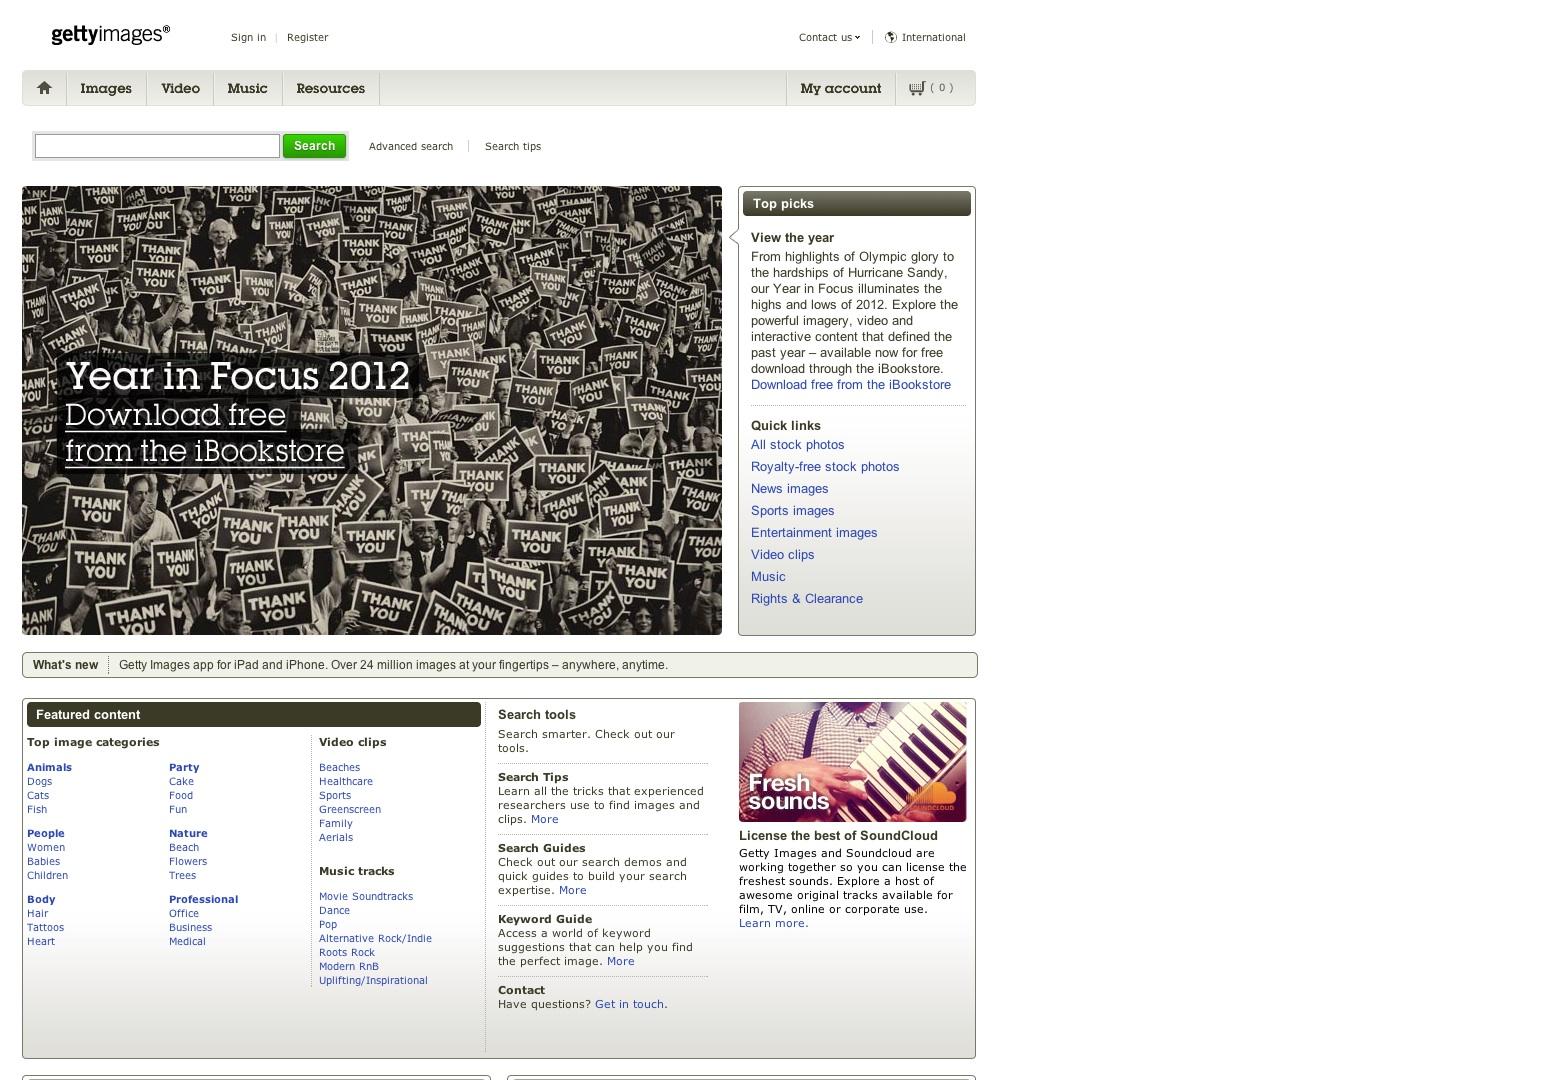 Fotos, imágenes sin royalties, video en línea y música | imágenes falsas